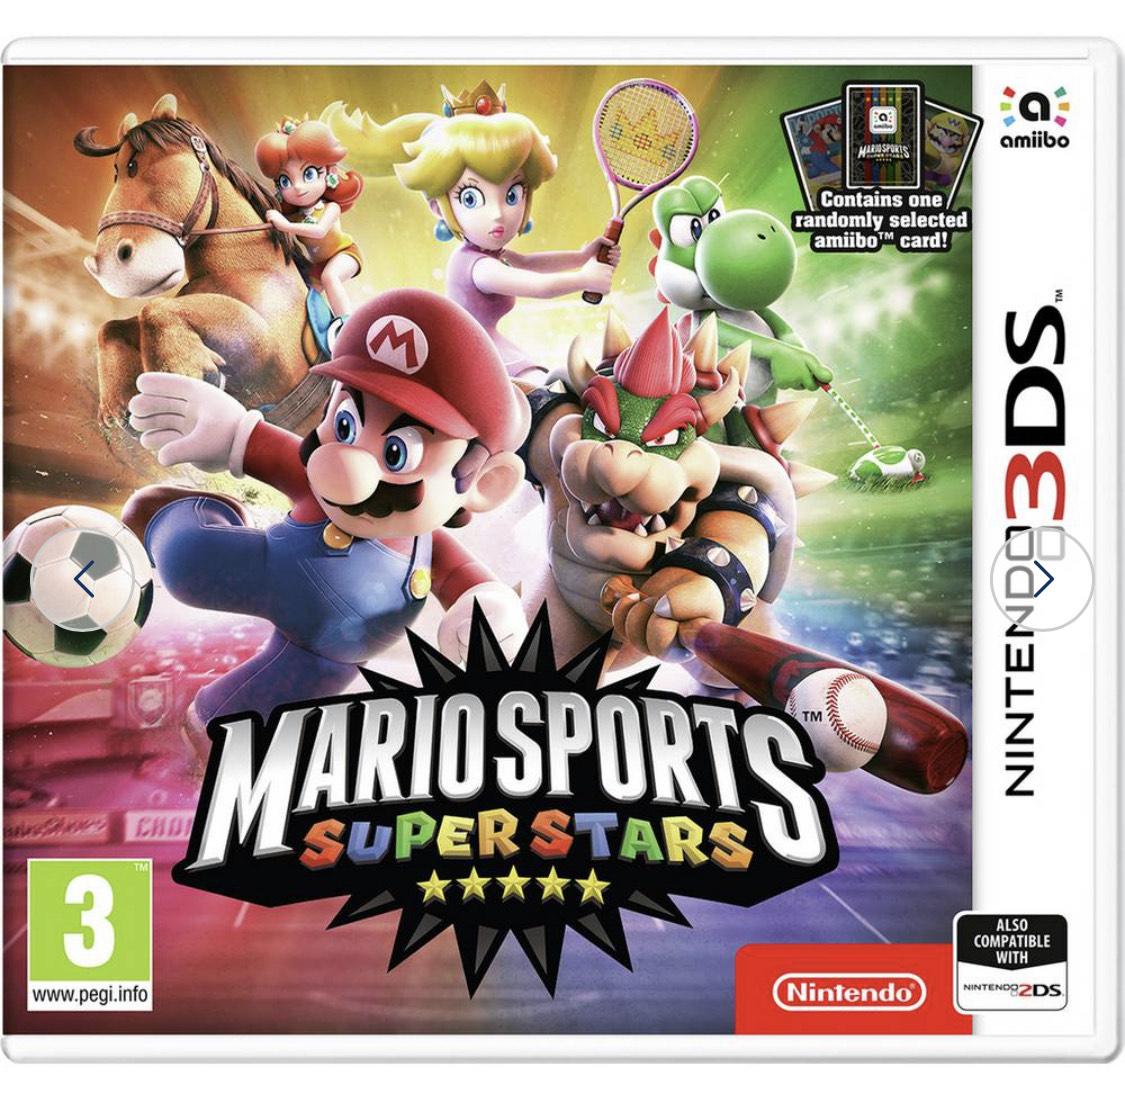 Mario Sports Superstars Nintendo 3DS Game & Amiibo Card £5.99 Argos